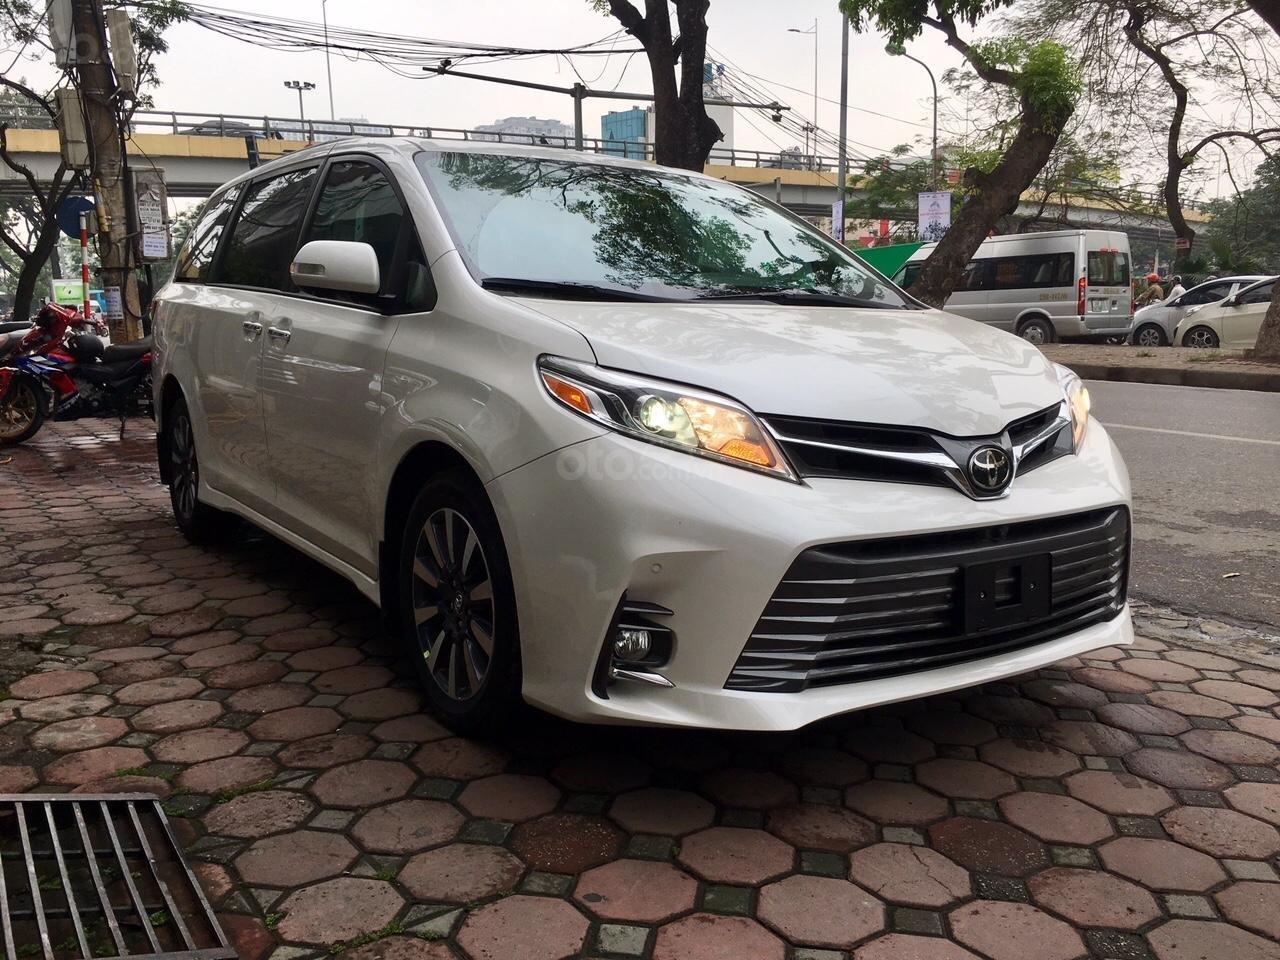 Bán Toyota Sienna Limited sản xuất 2019, mới 100%, đủ màu giao ngay, giá rẻ nhất -2